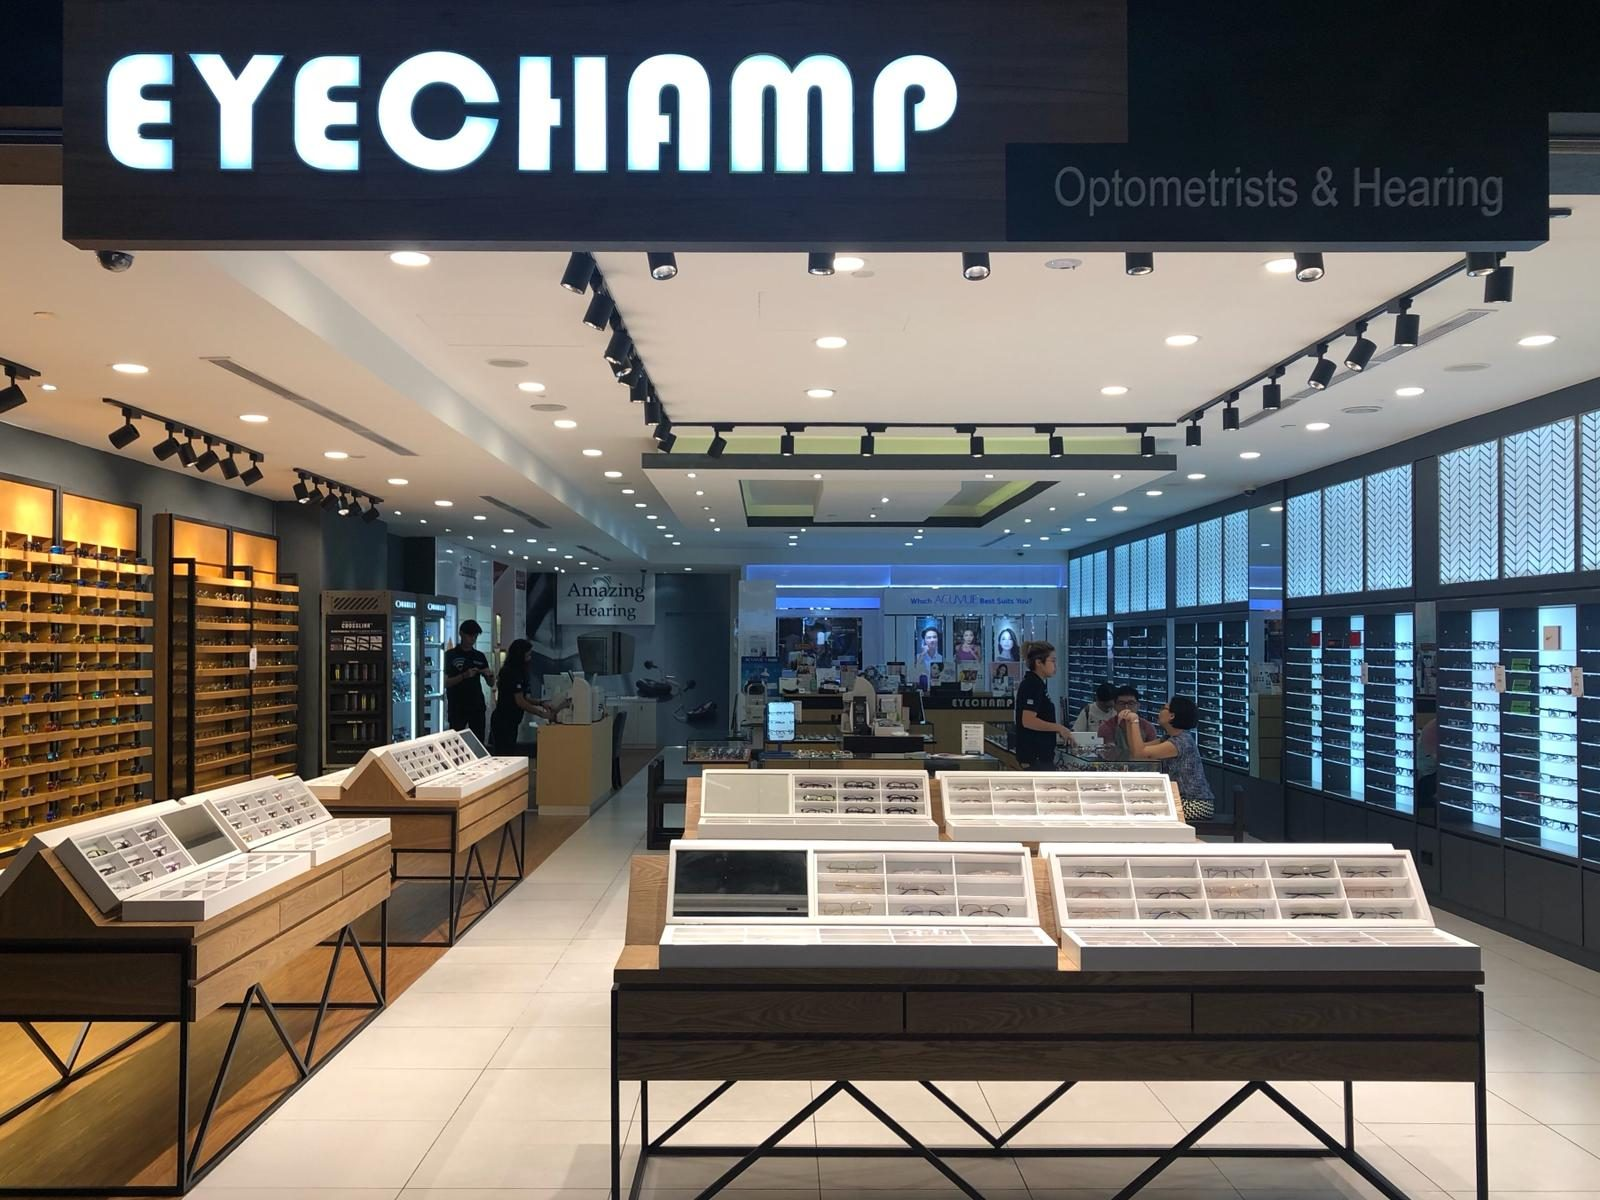 eyechamp amazing hearing centre NEX resound denmark hearing aids